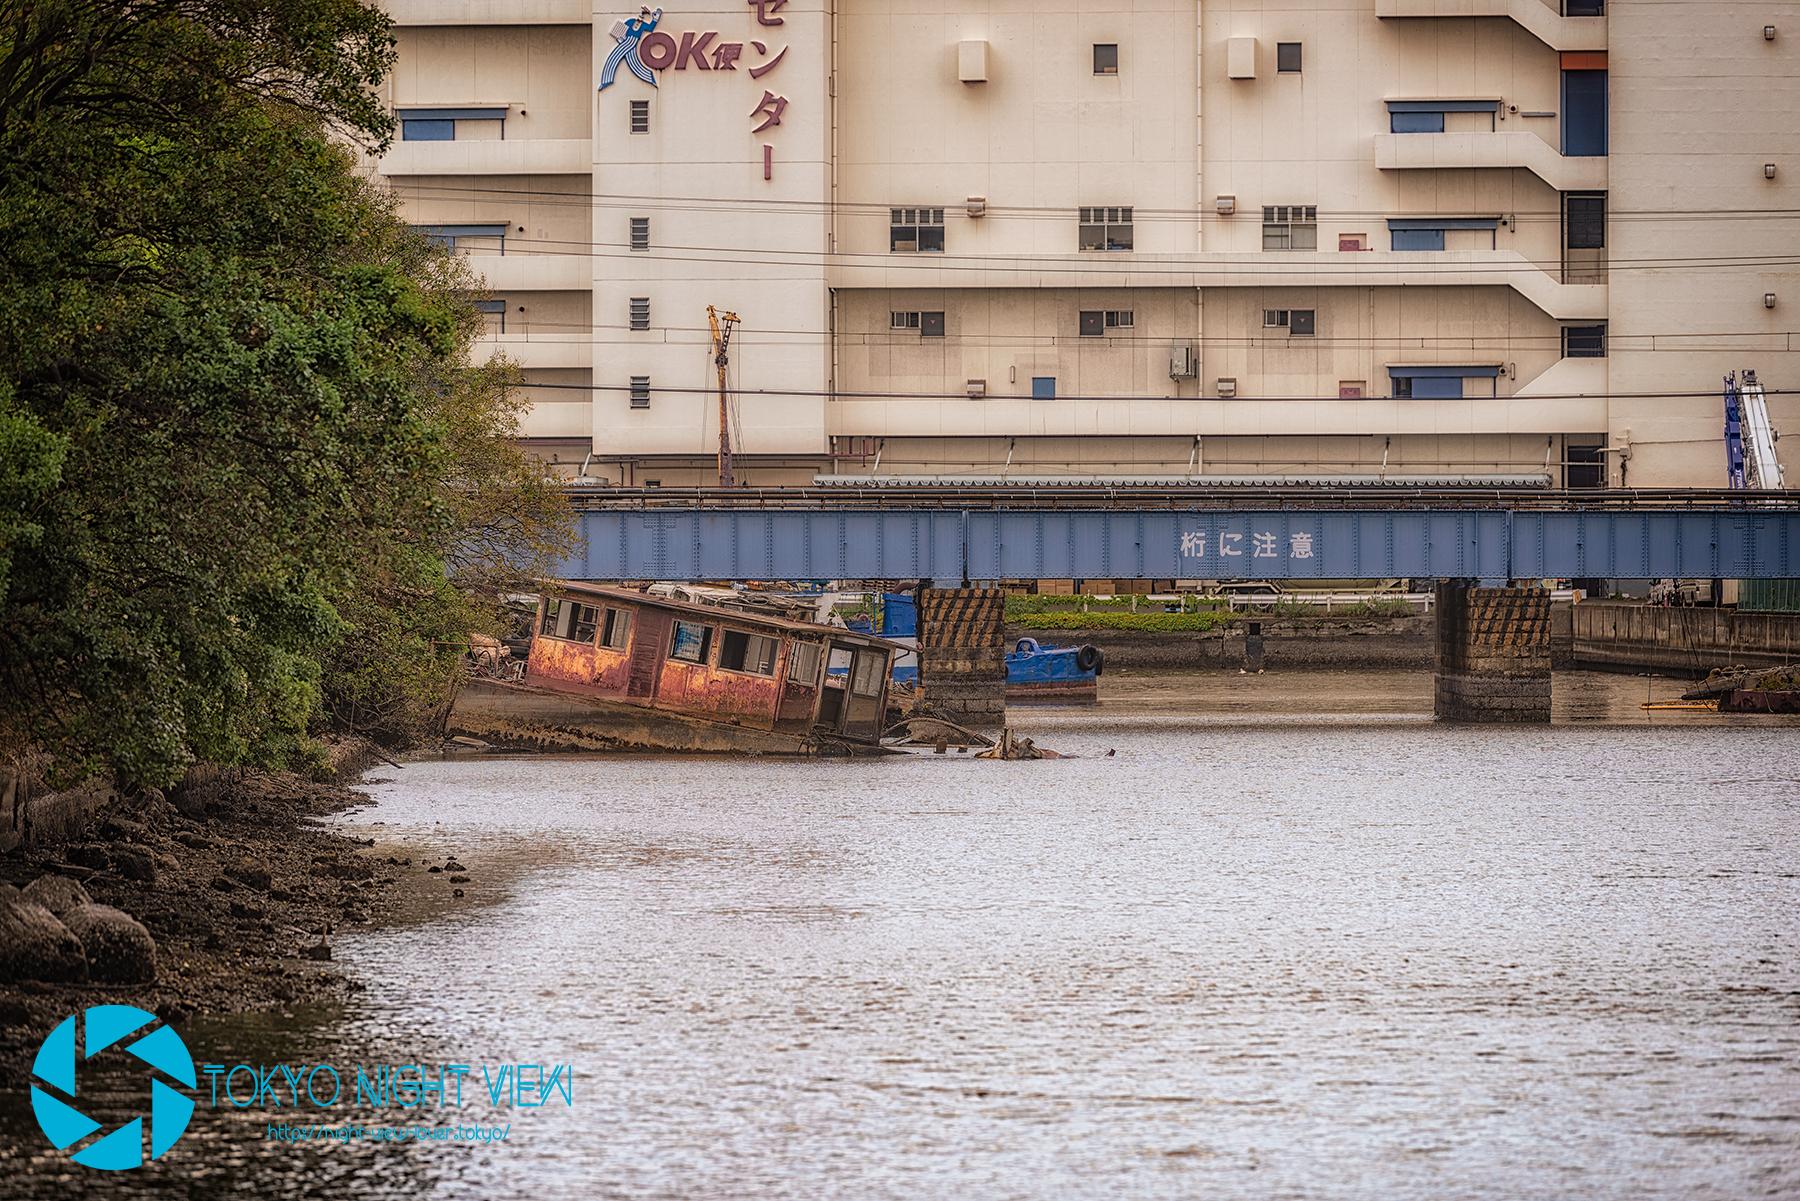 横浜市子安浜